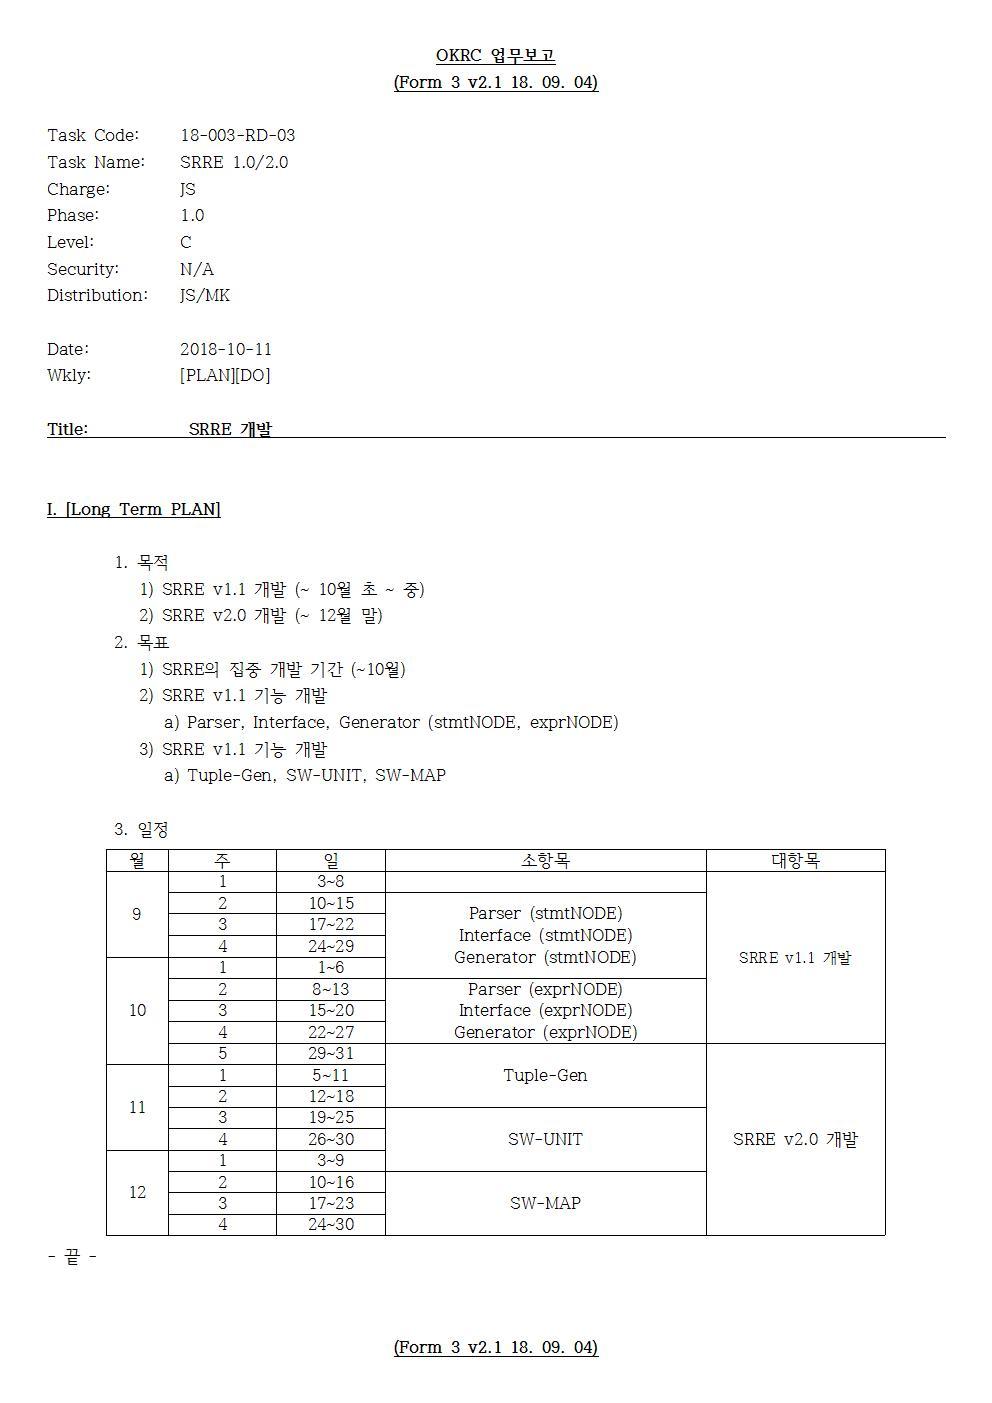 D-[18-003-RD-03]-[SRRE]-[2018-10-11][JS]001.jpg